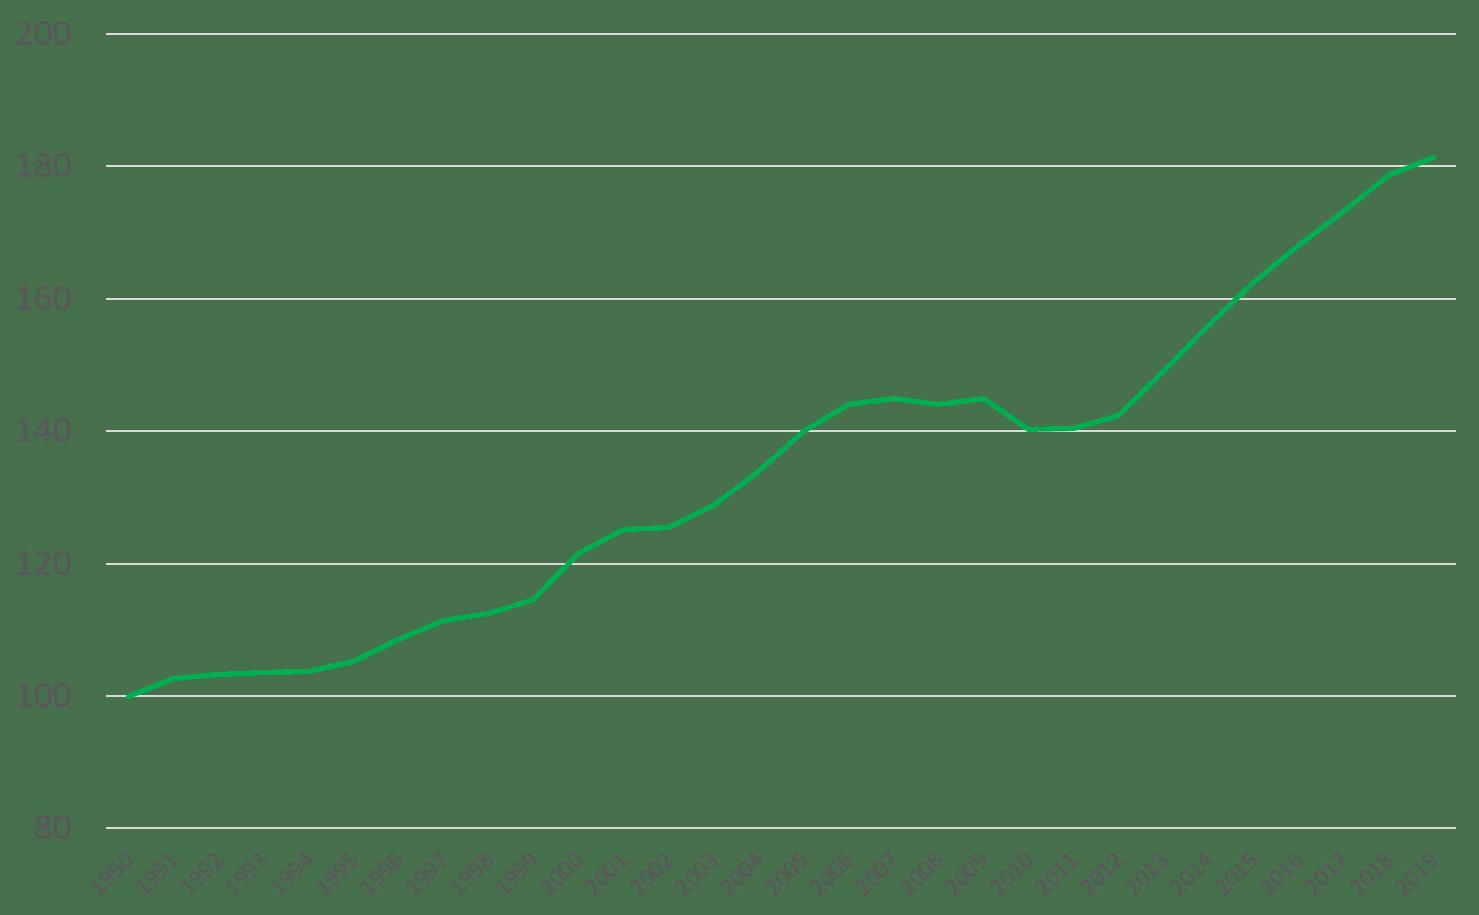 1990年を基準とした東証一部の企業数の推移